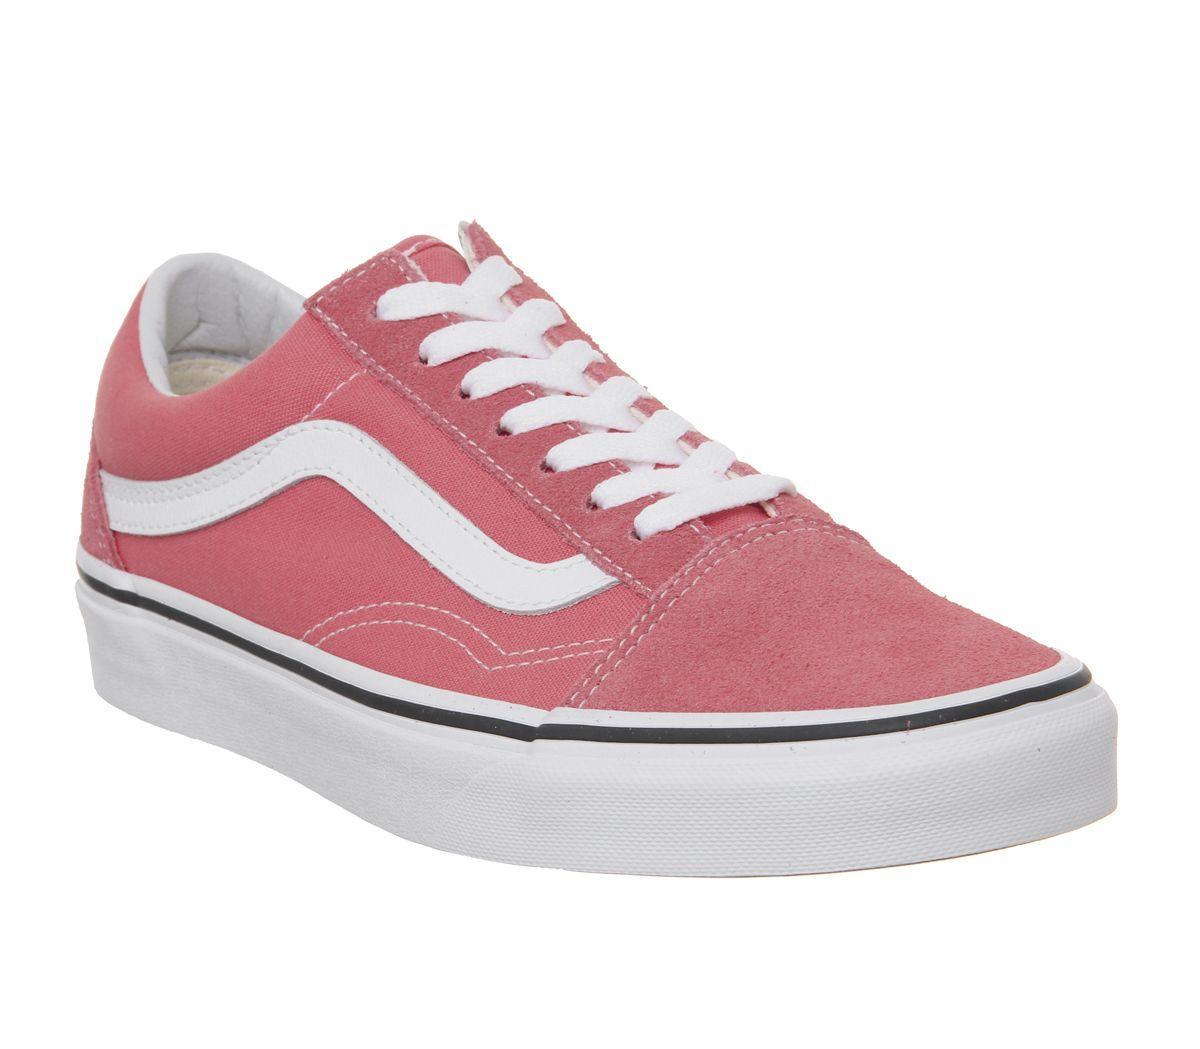 2d23281382 Vans Old Skool Ry in Pink - Lyst